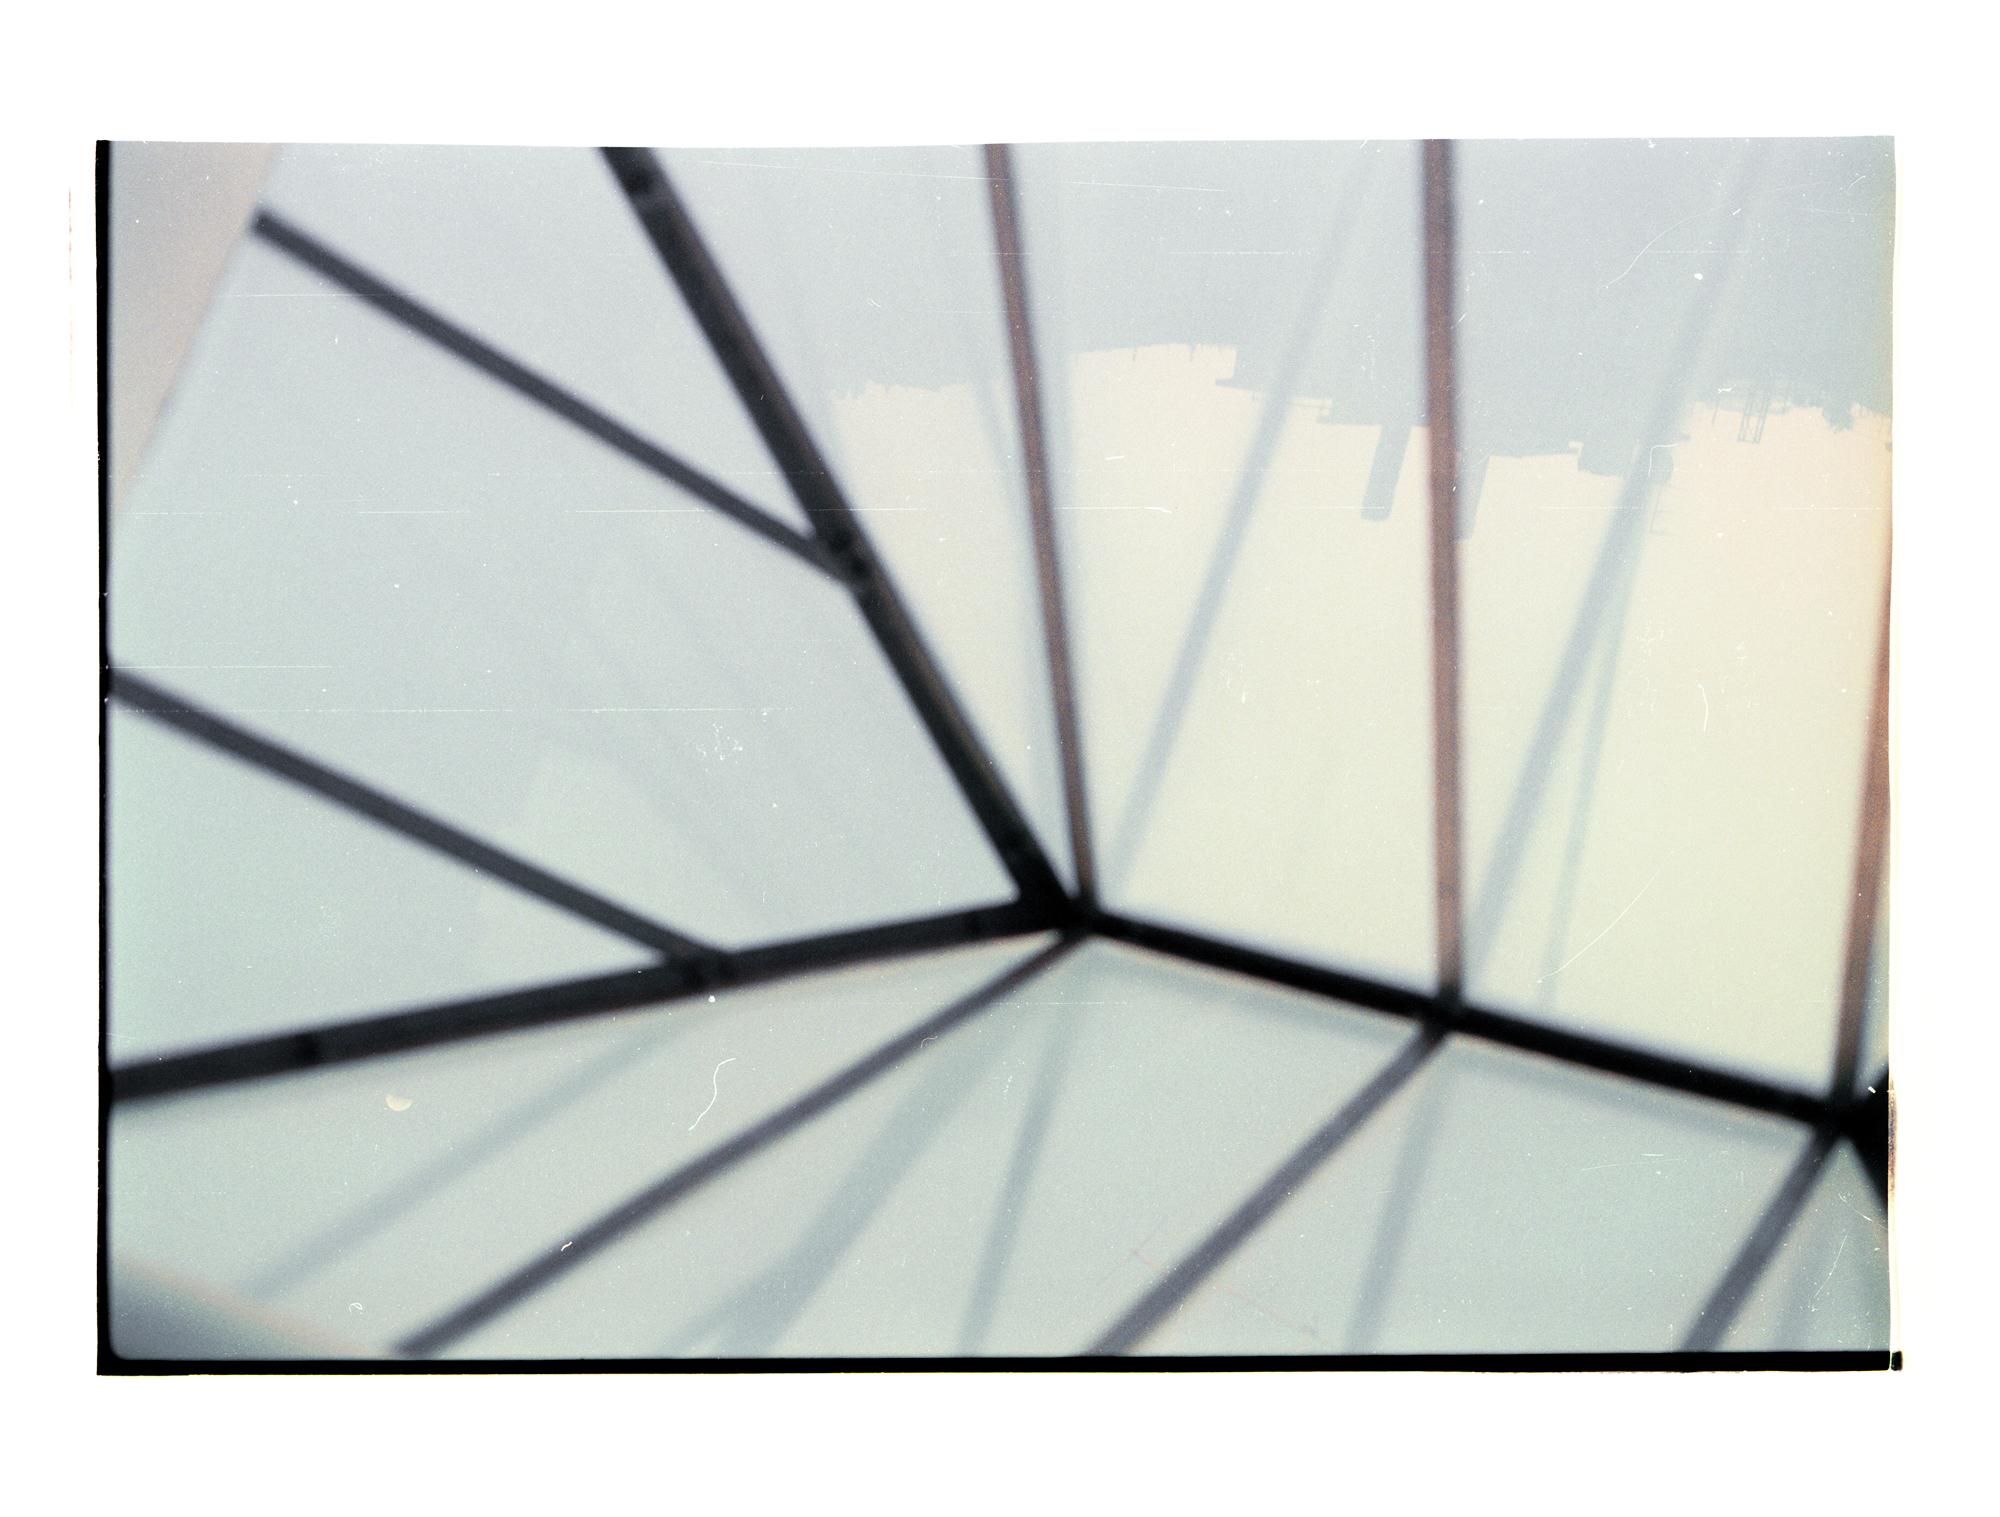 Table_A4-web.jpg